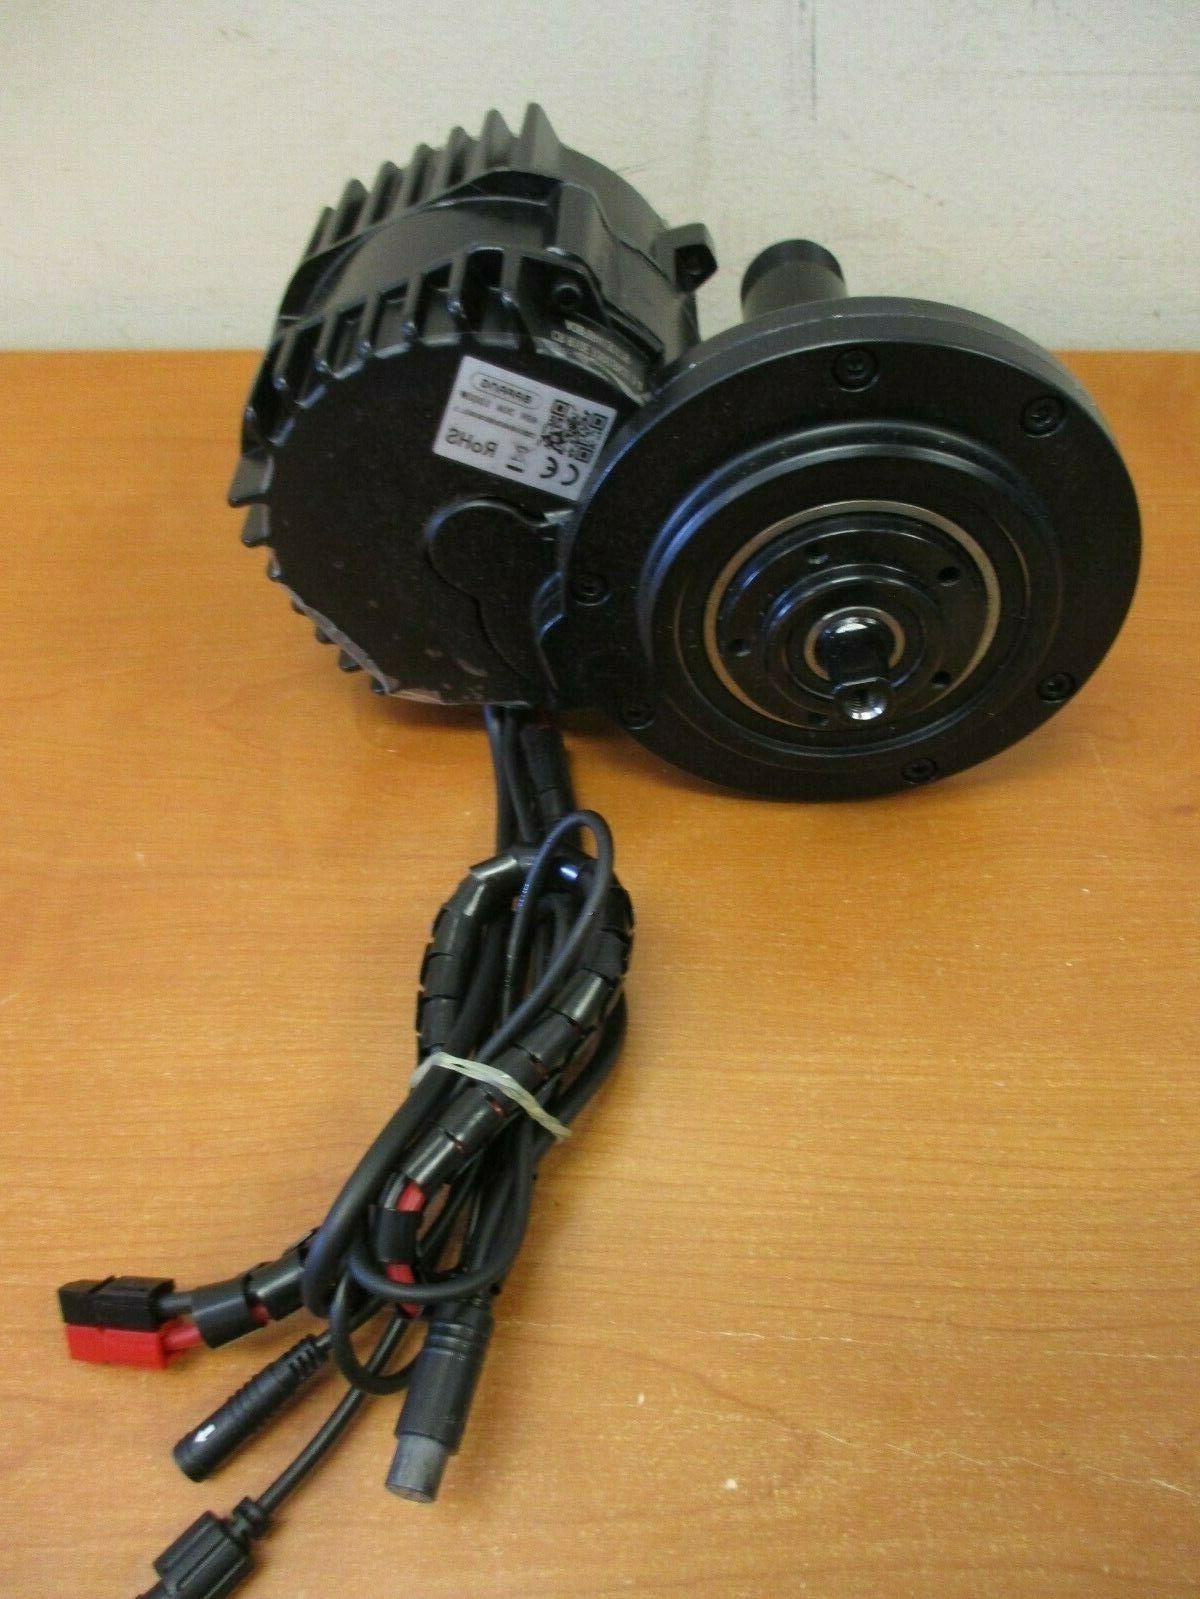 Luna Bafang BBSHD 750W Mid Electric Bike Motor Kit